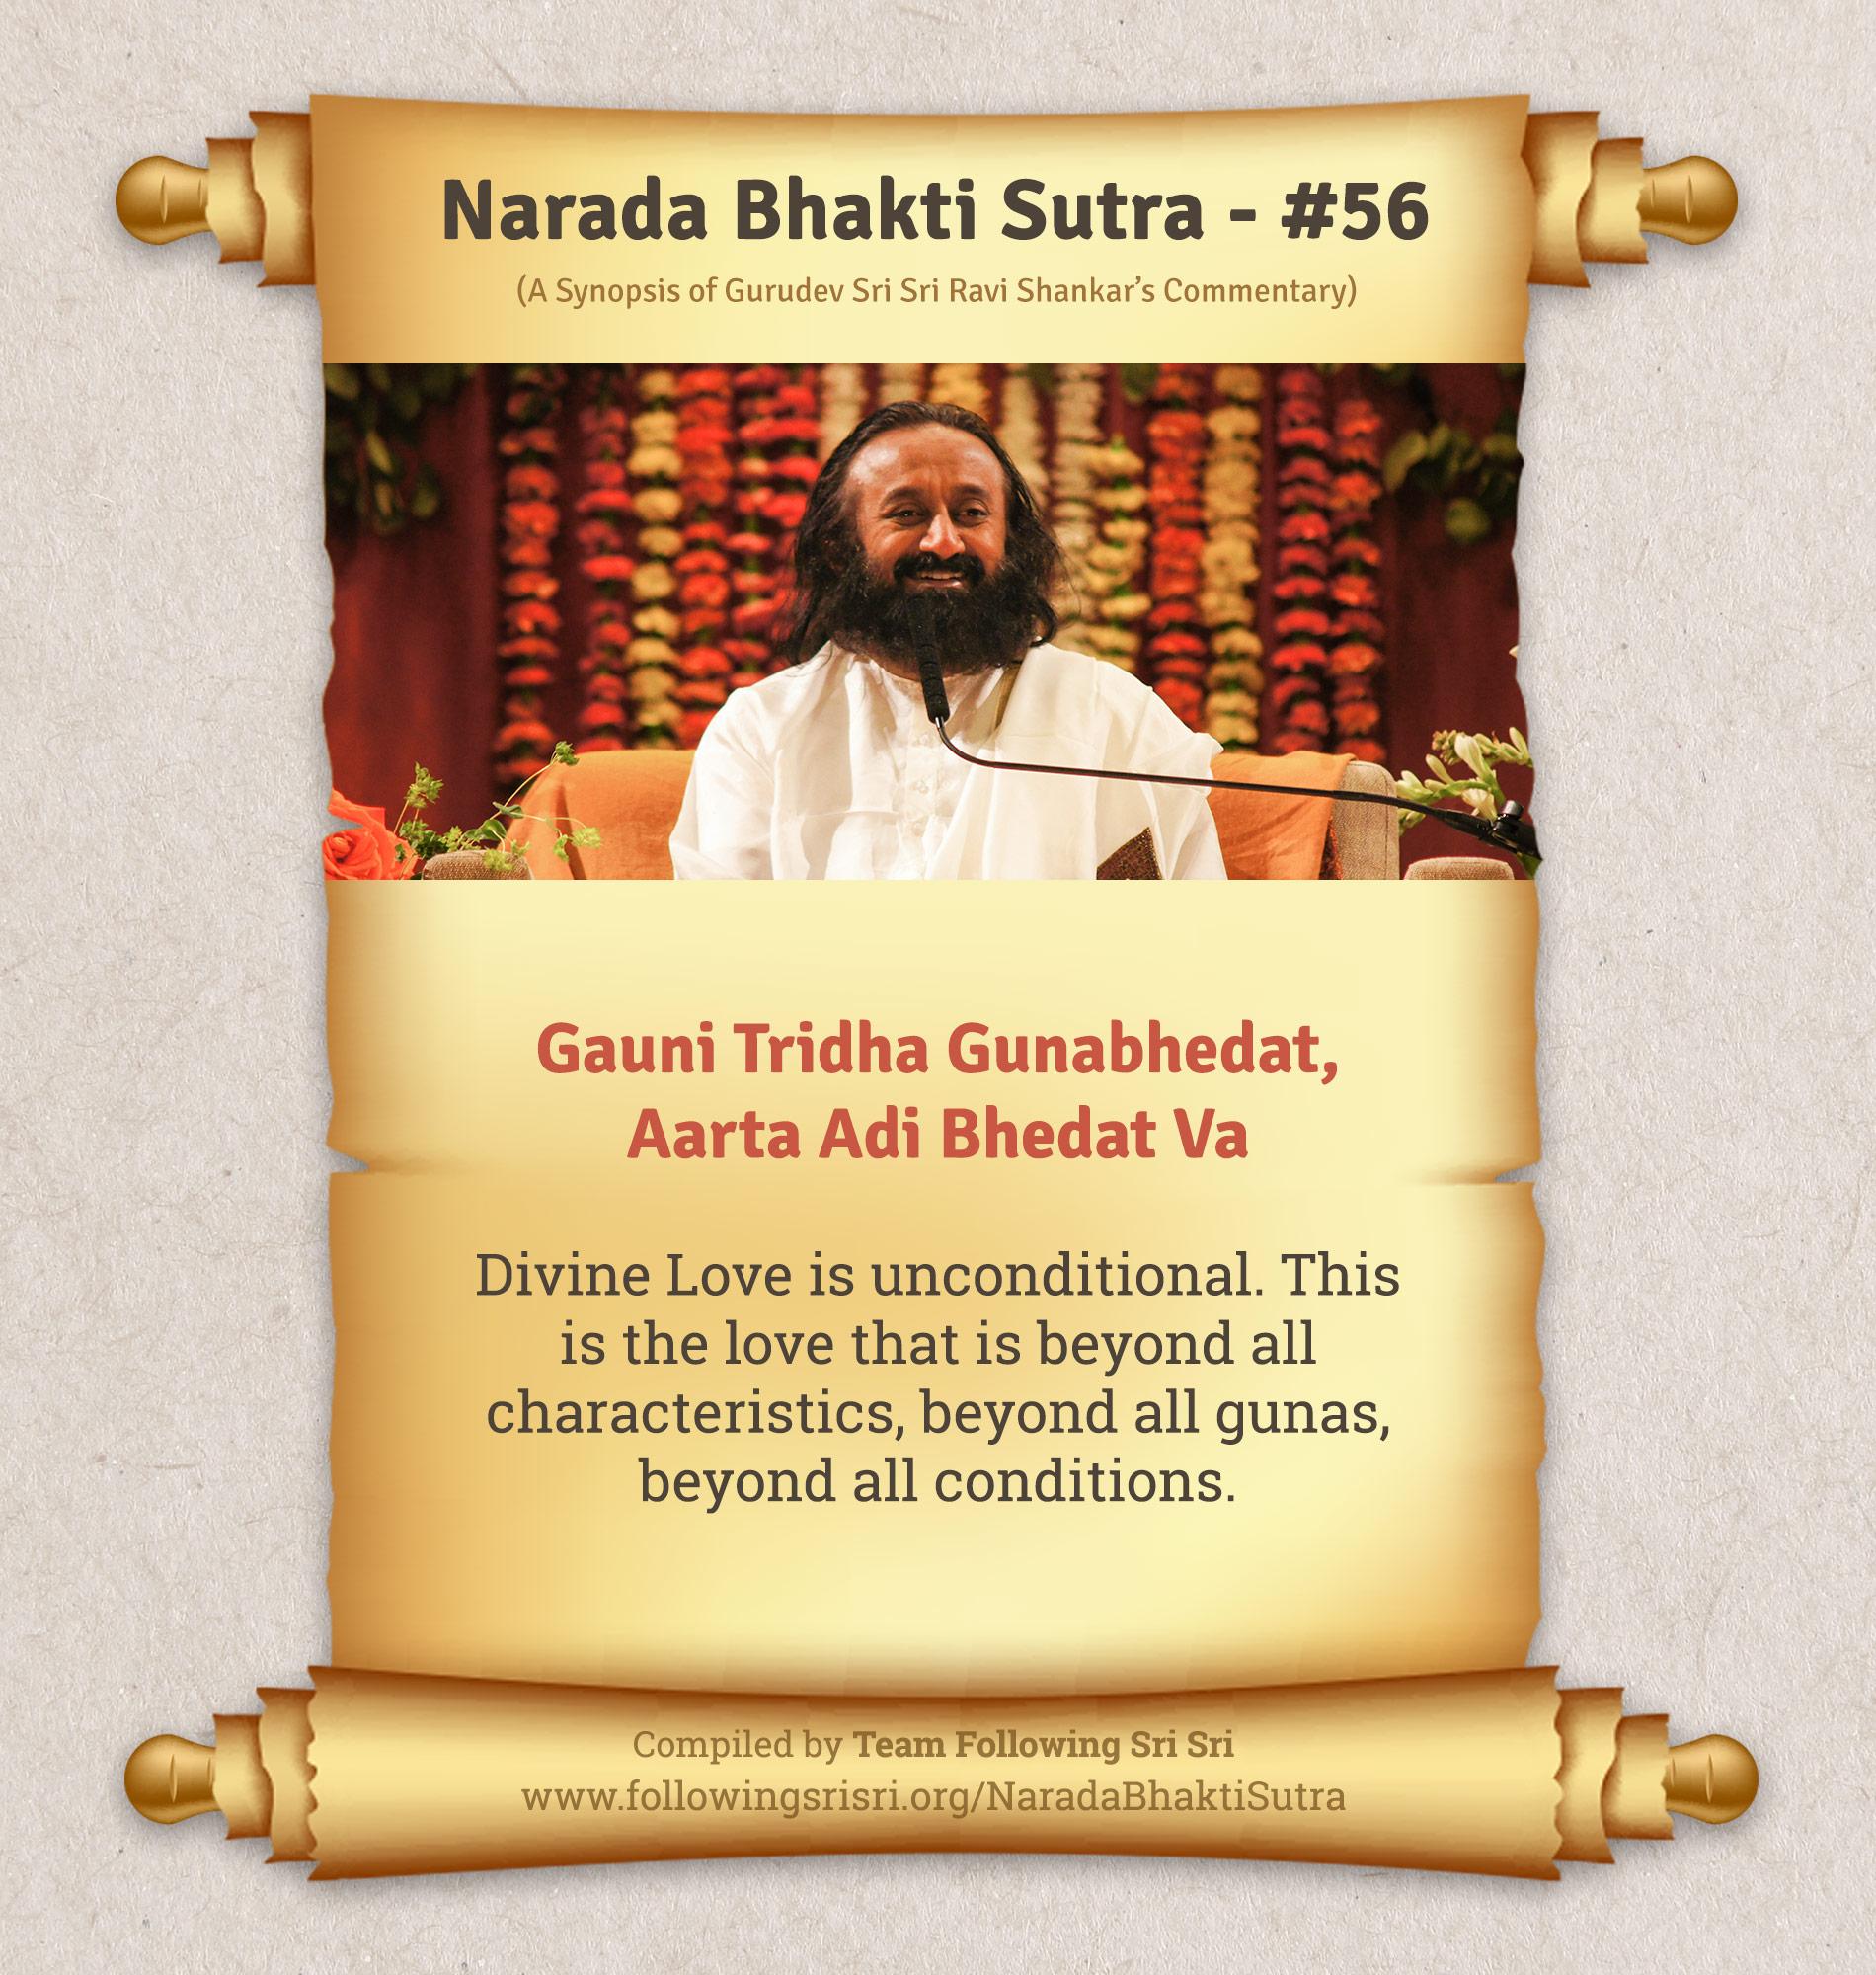 Narada Bhakti Sutras - Sutra 56